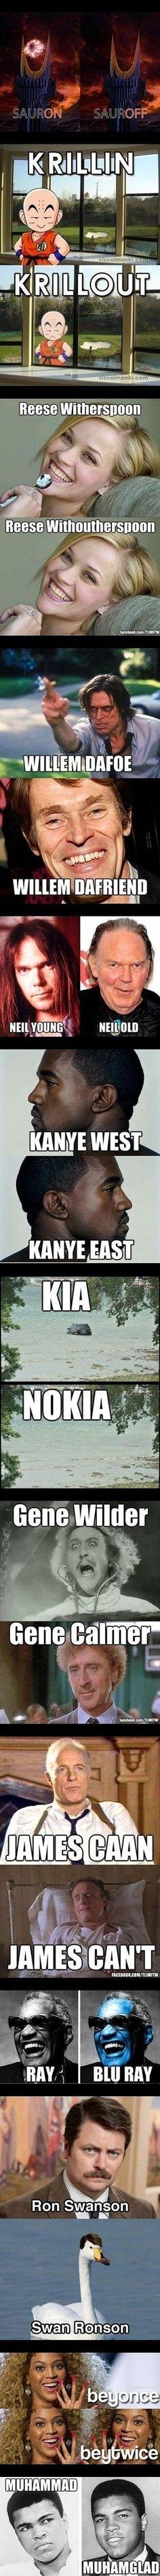 XD YES!! I love these memes! Hahaha!